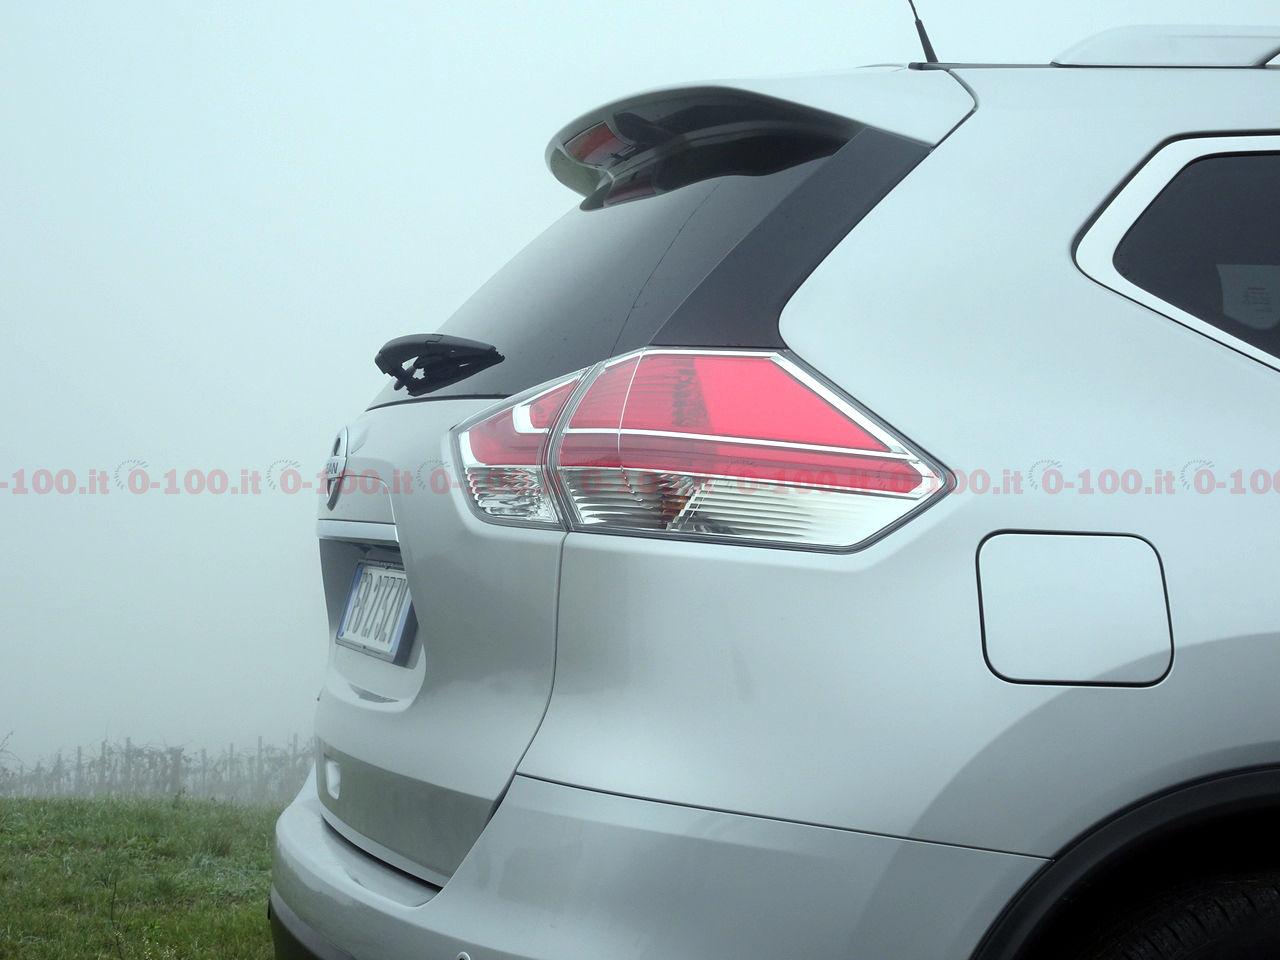 nissan-x-trail_dci-130-turbodiesel-tekna-test-drive-0-100_33